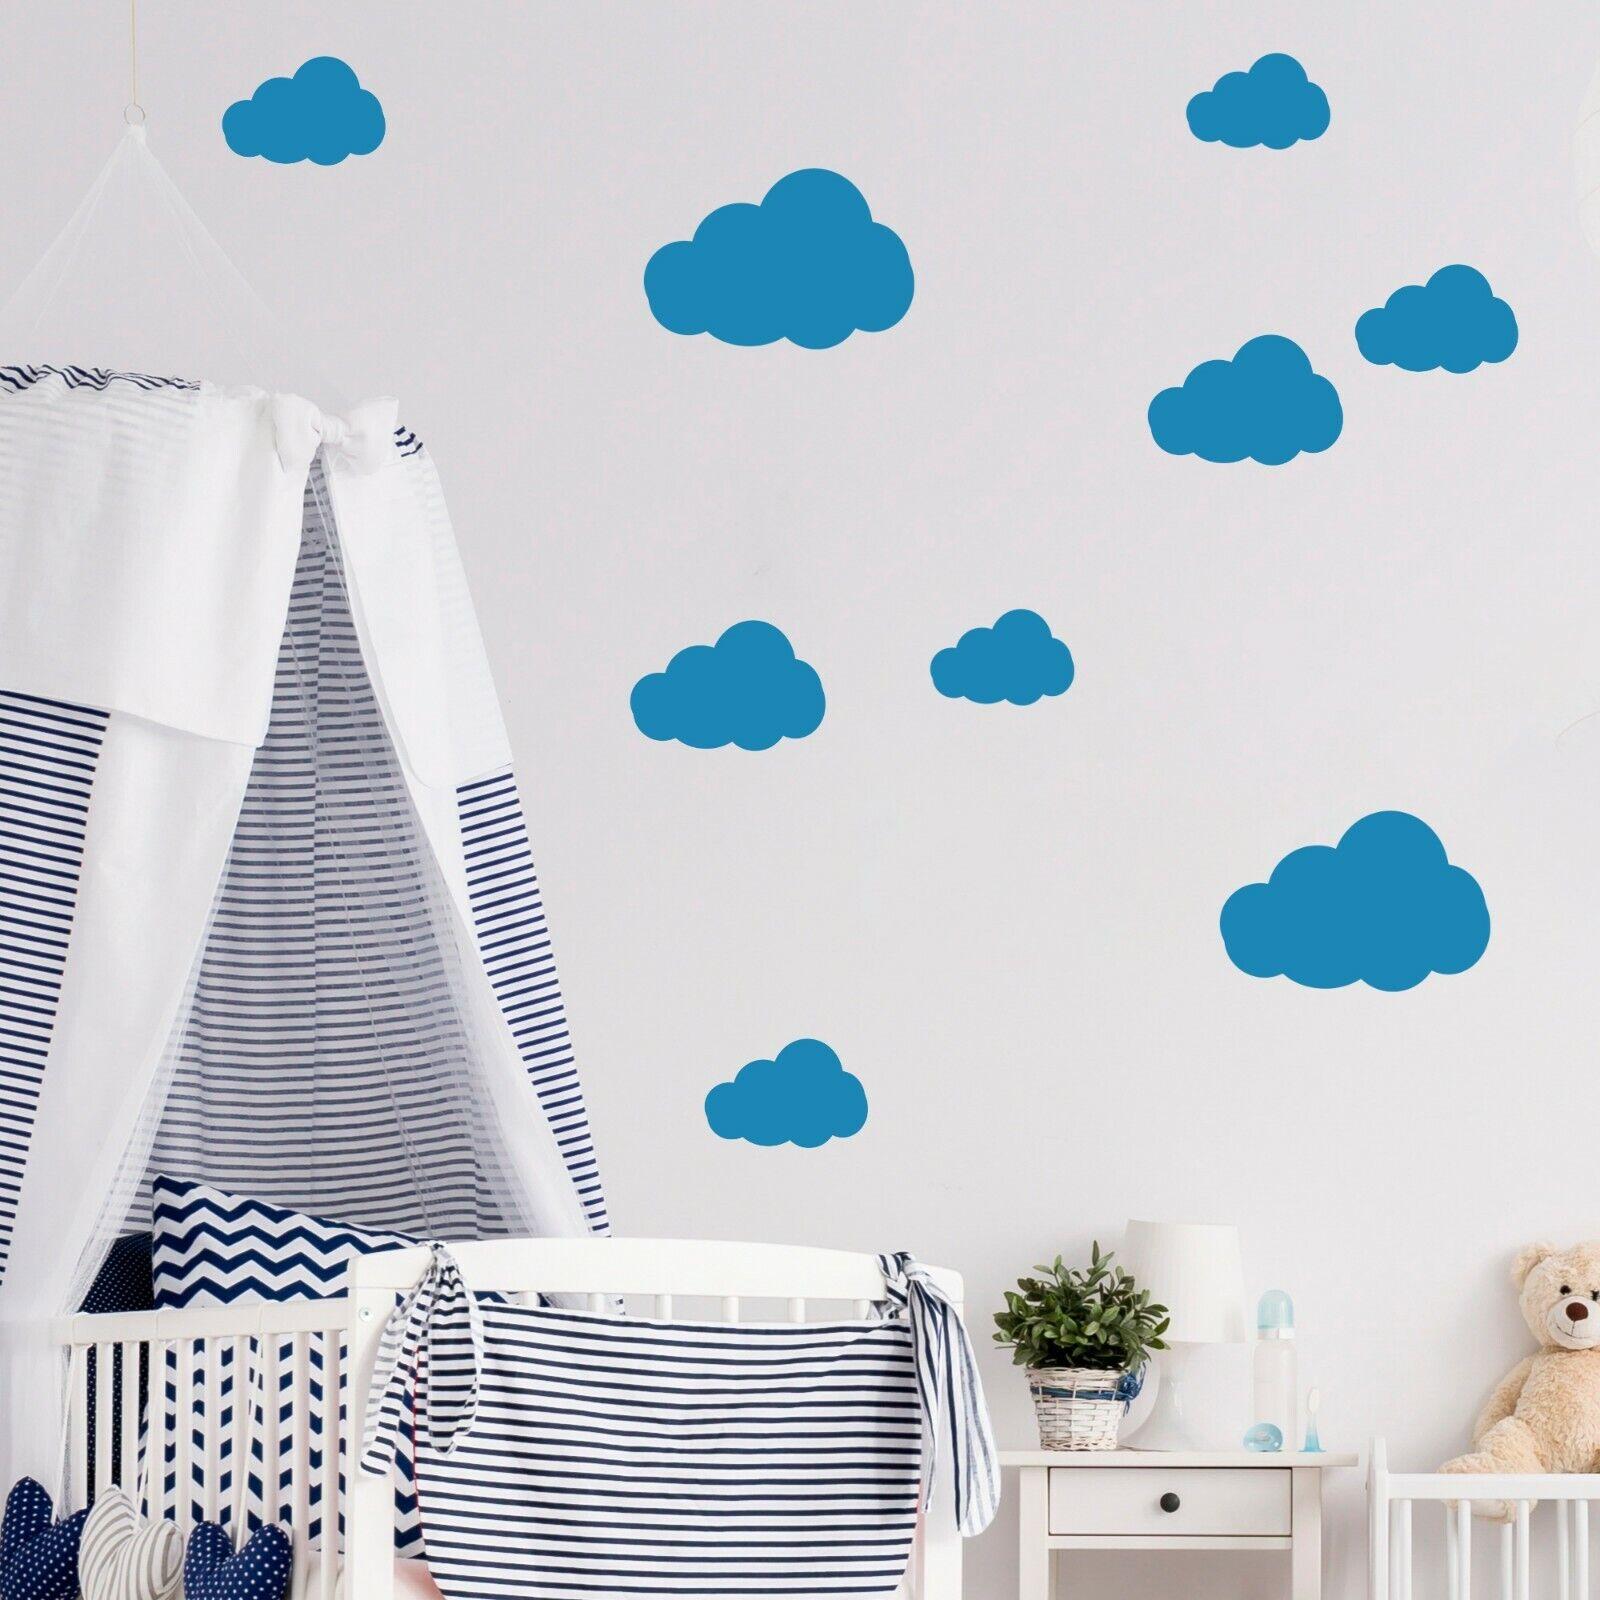 Wandtattoo Aufkleber Sticker Wanddeko Wolken fürs Kinderzimmer Spielzimmer